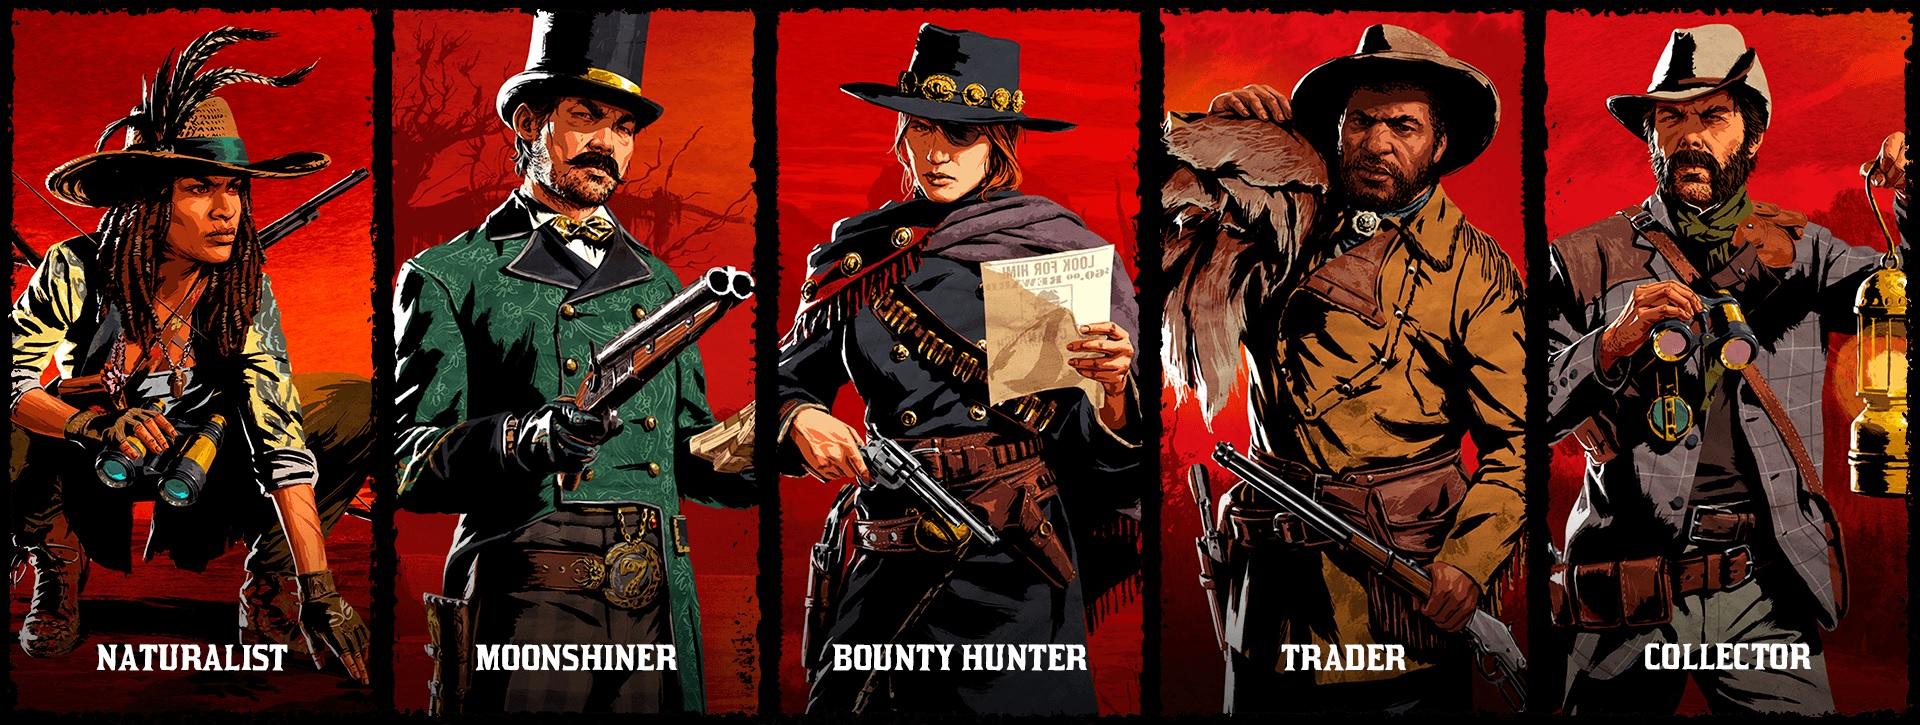 Carrières de l'Ouest Red Dead Online